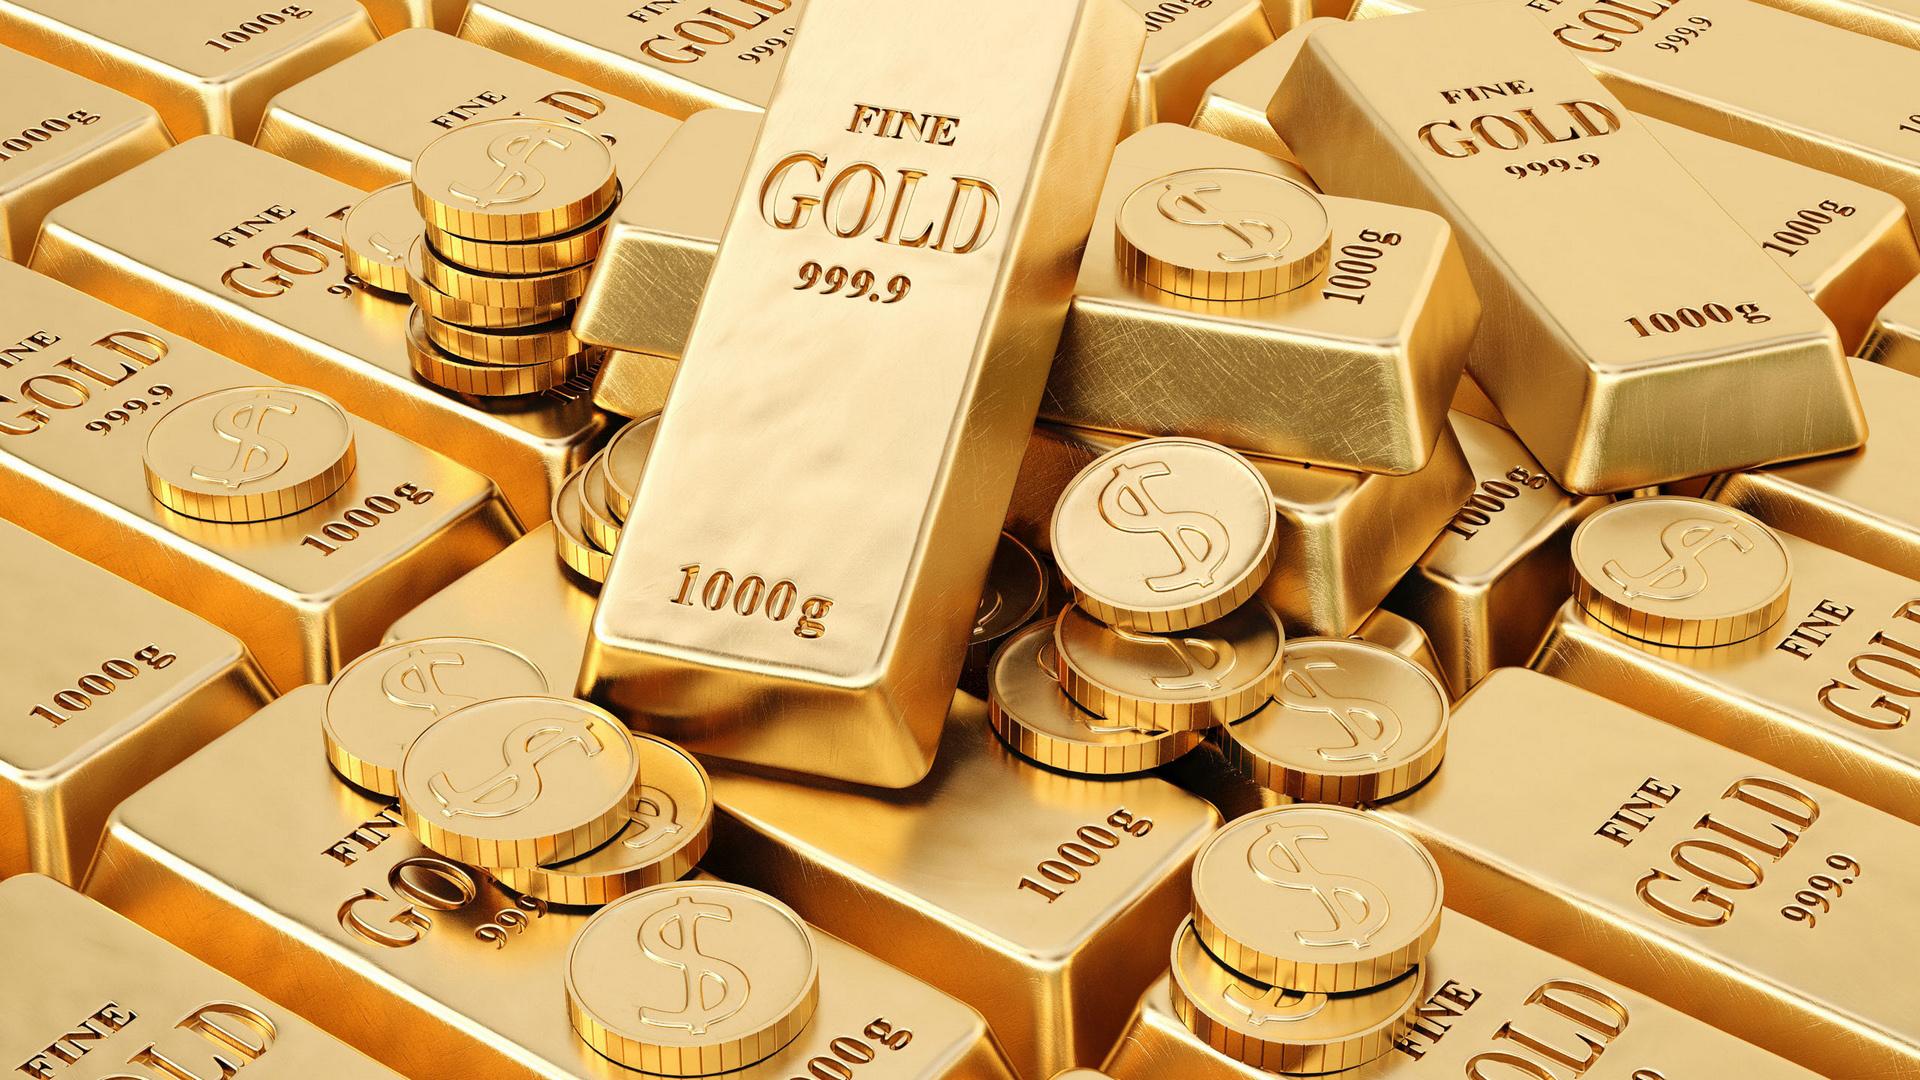 обои на рабочий стол деньги золото и кристаллы скачать бесплатно № 8627 бесплатно